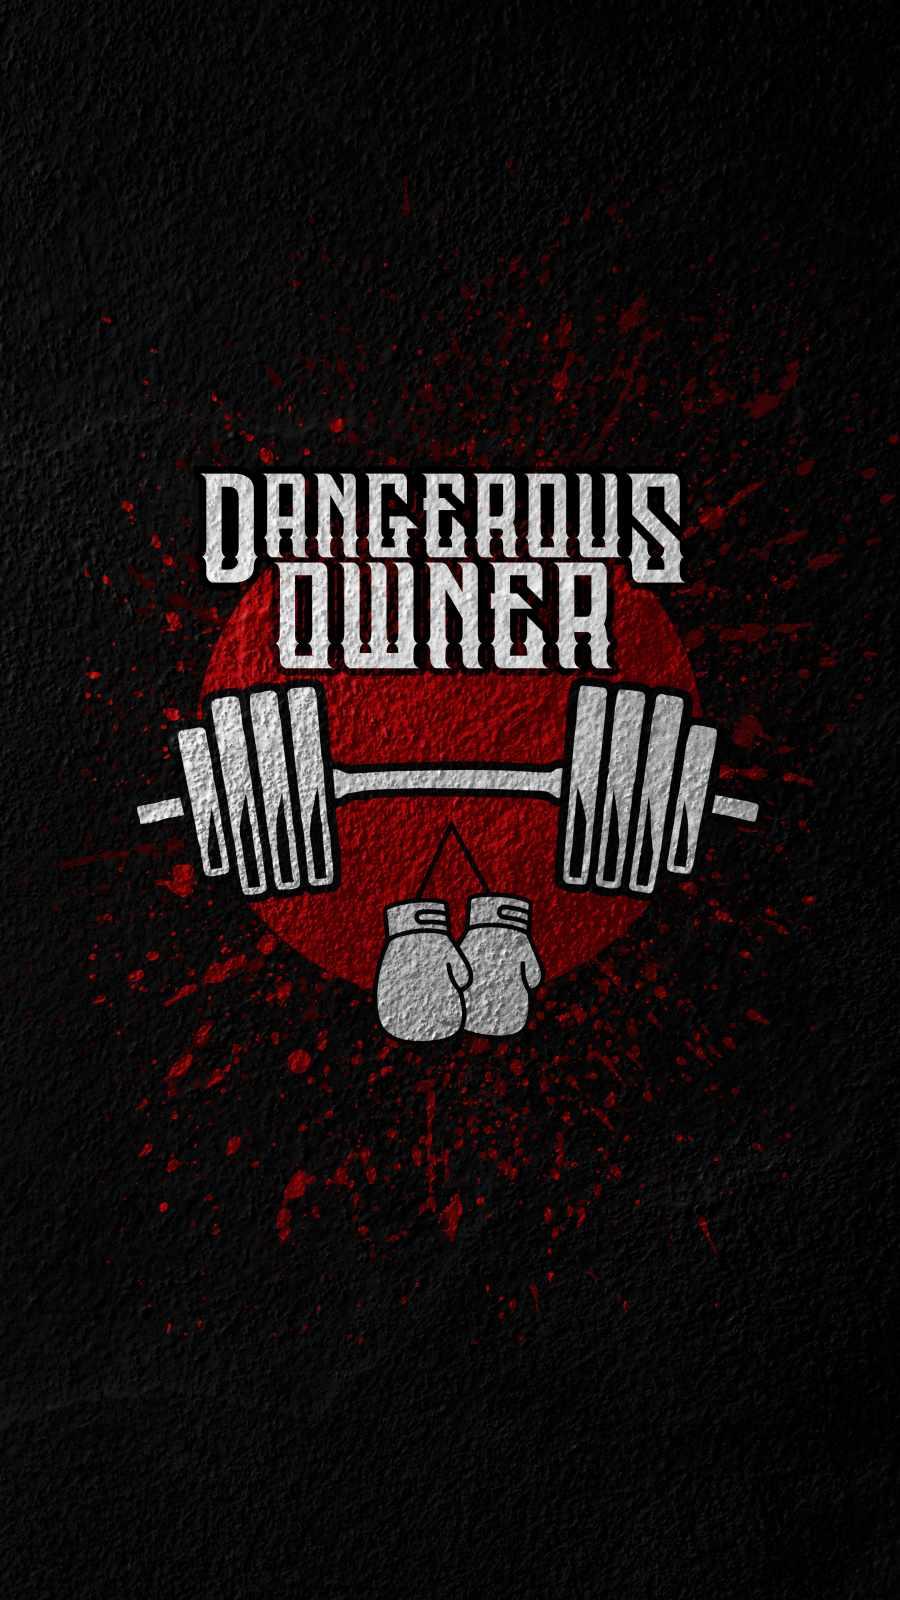 Dangerous Owner